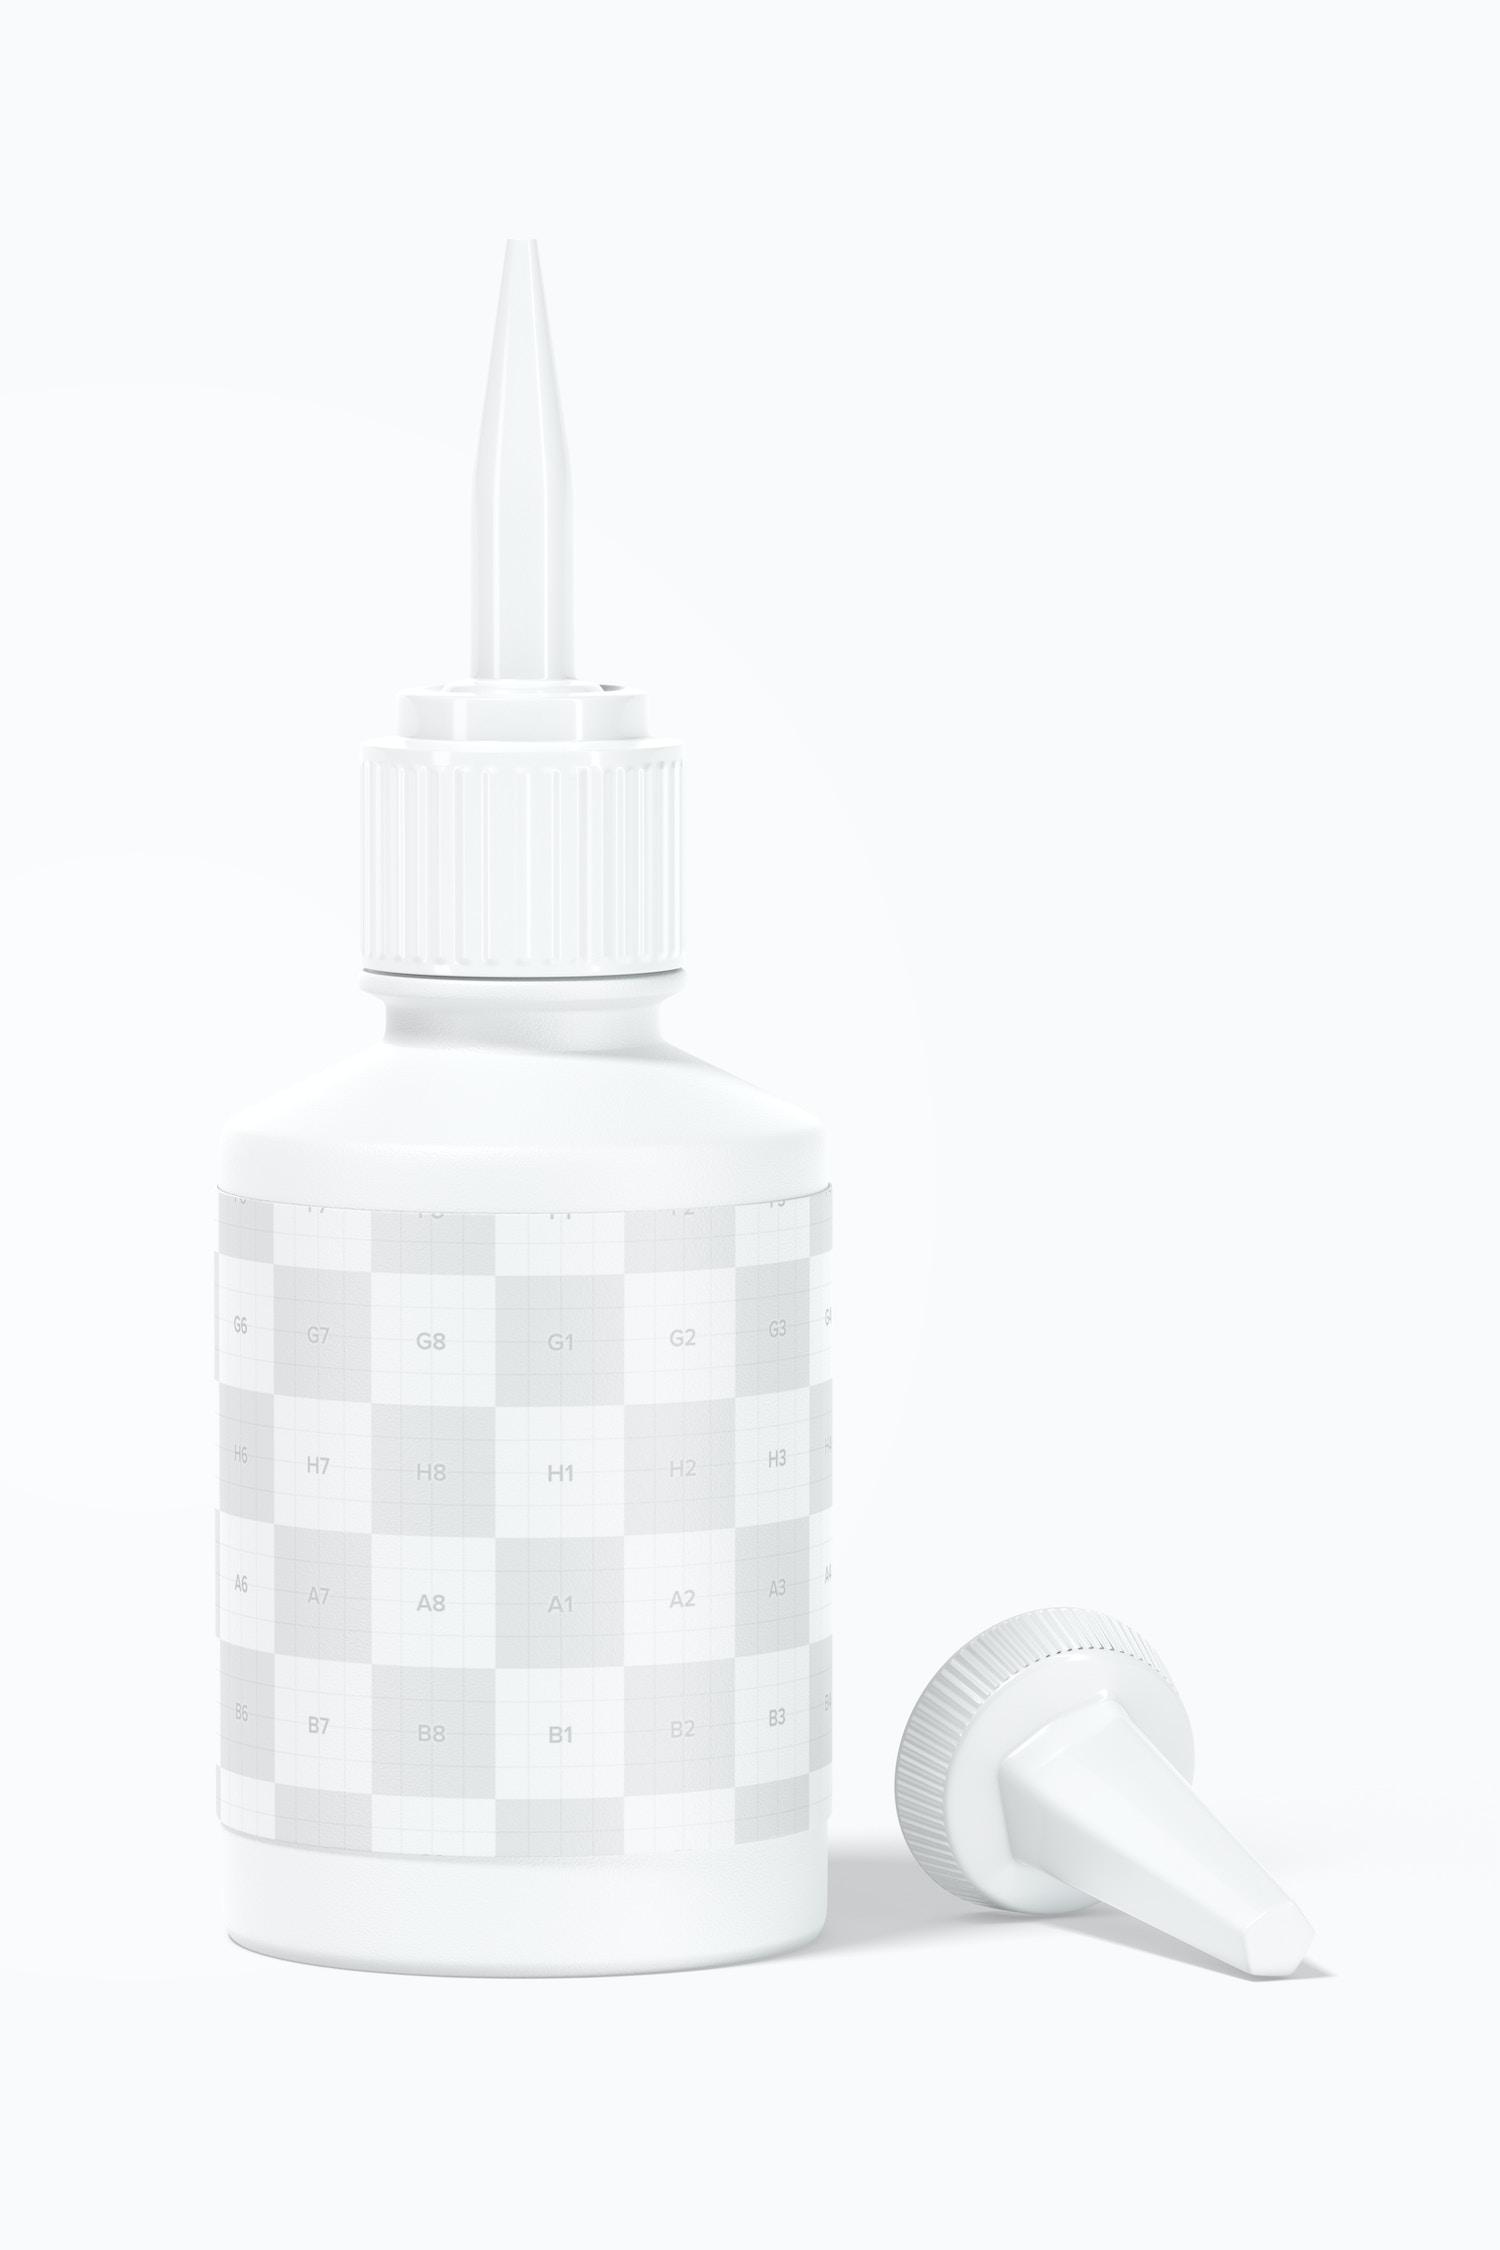 Super Glue Bottle Mockup, Opened